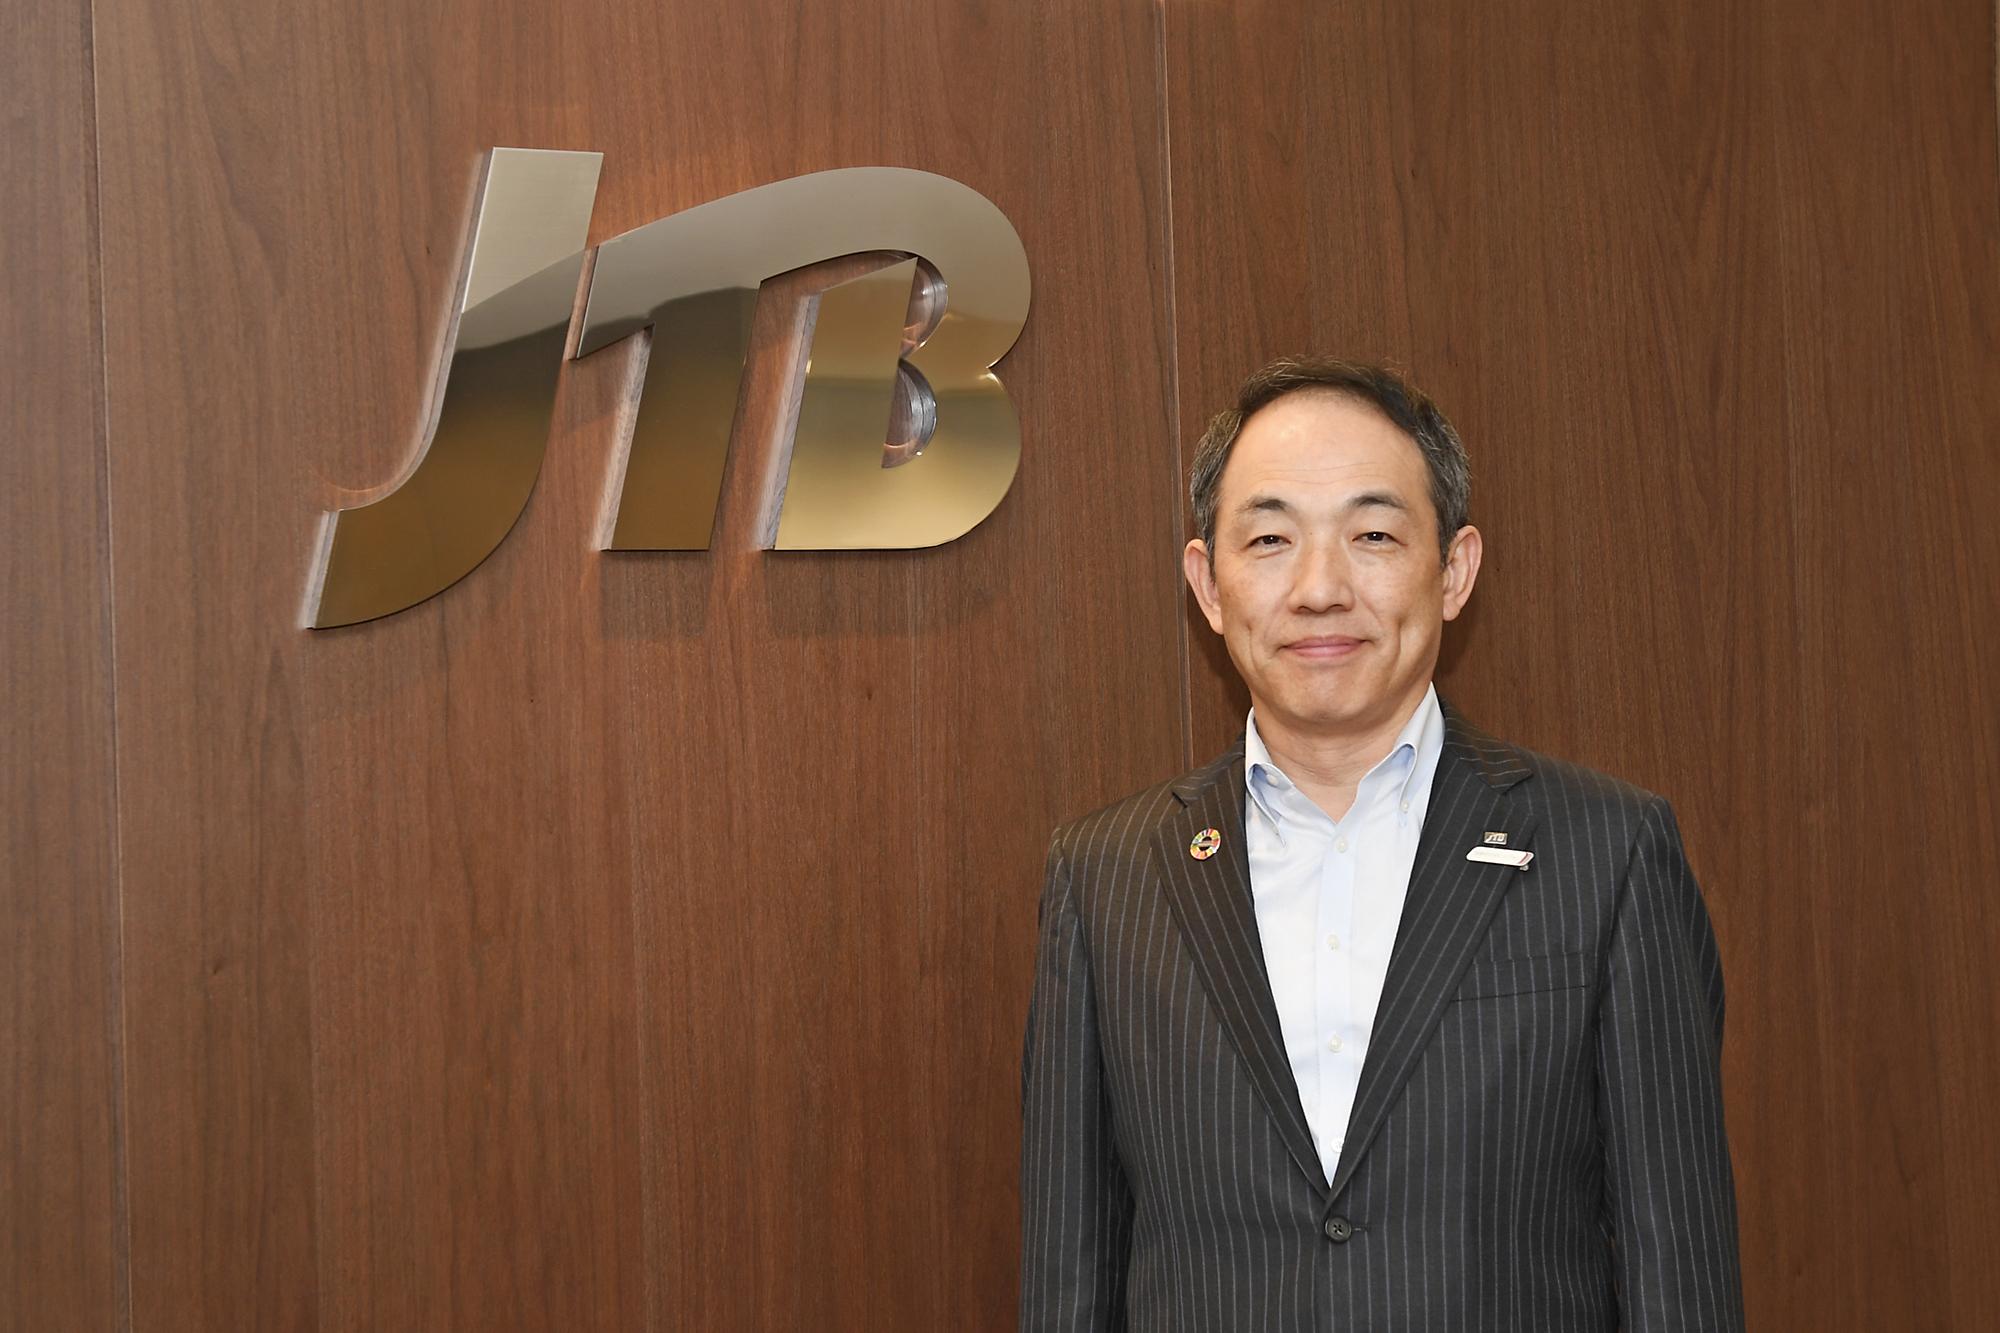 株式会社JTB常務執行役員法人事業本部副本部長の古野浩樹氏